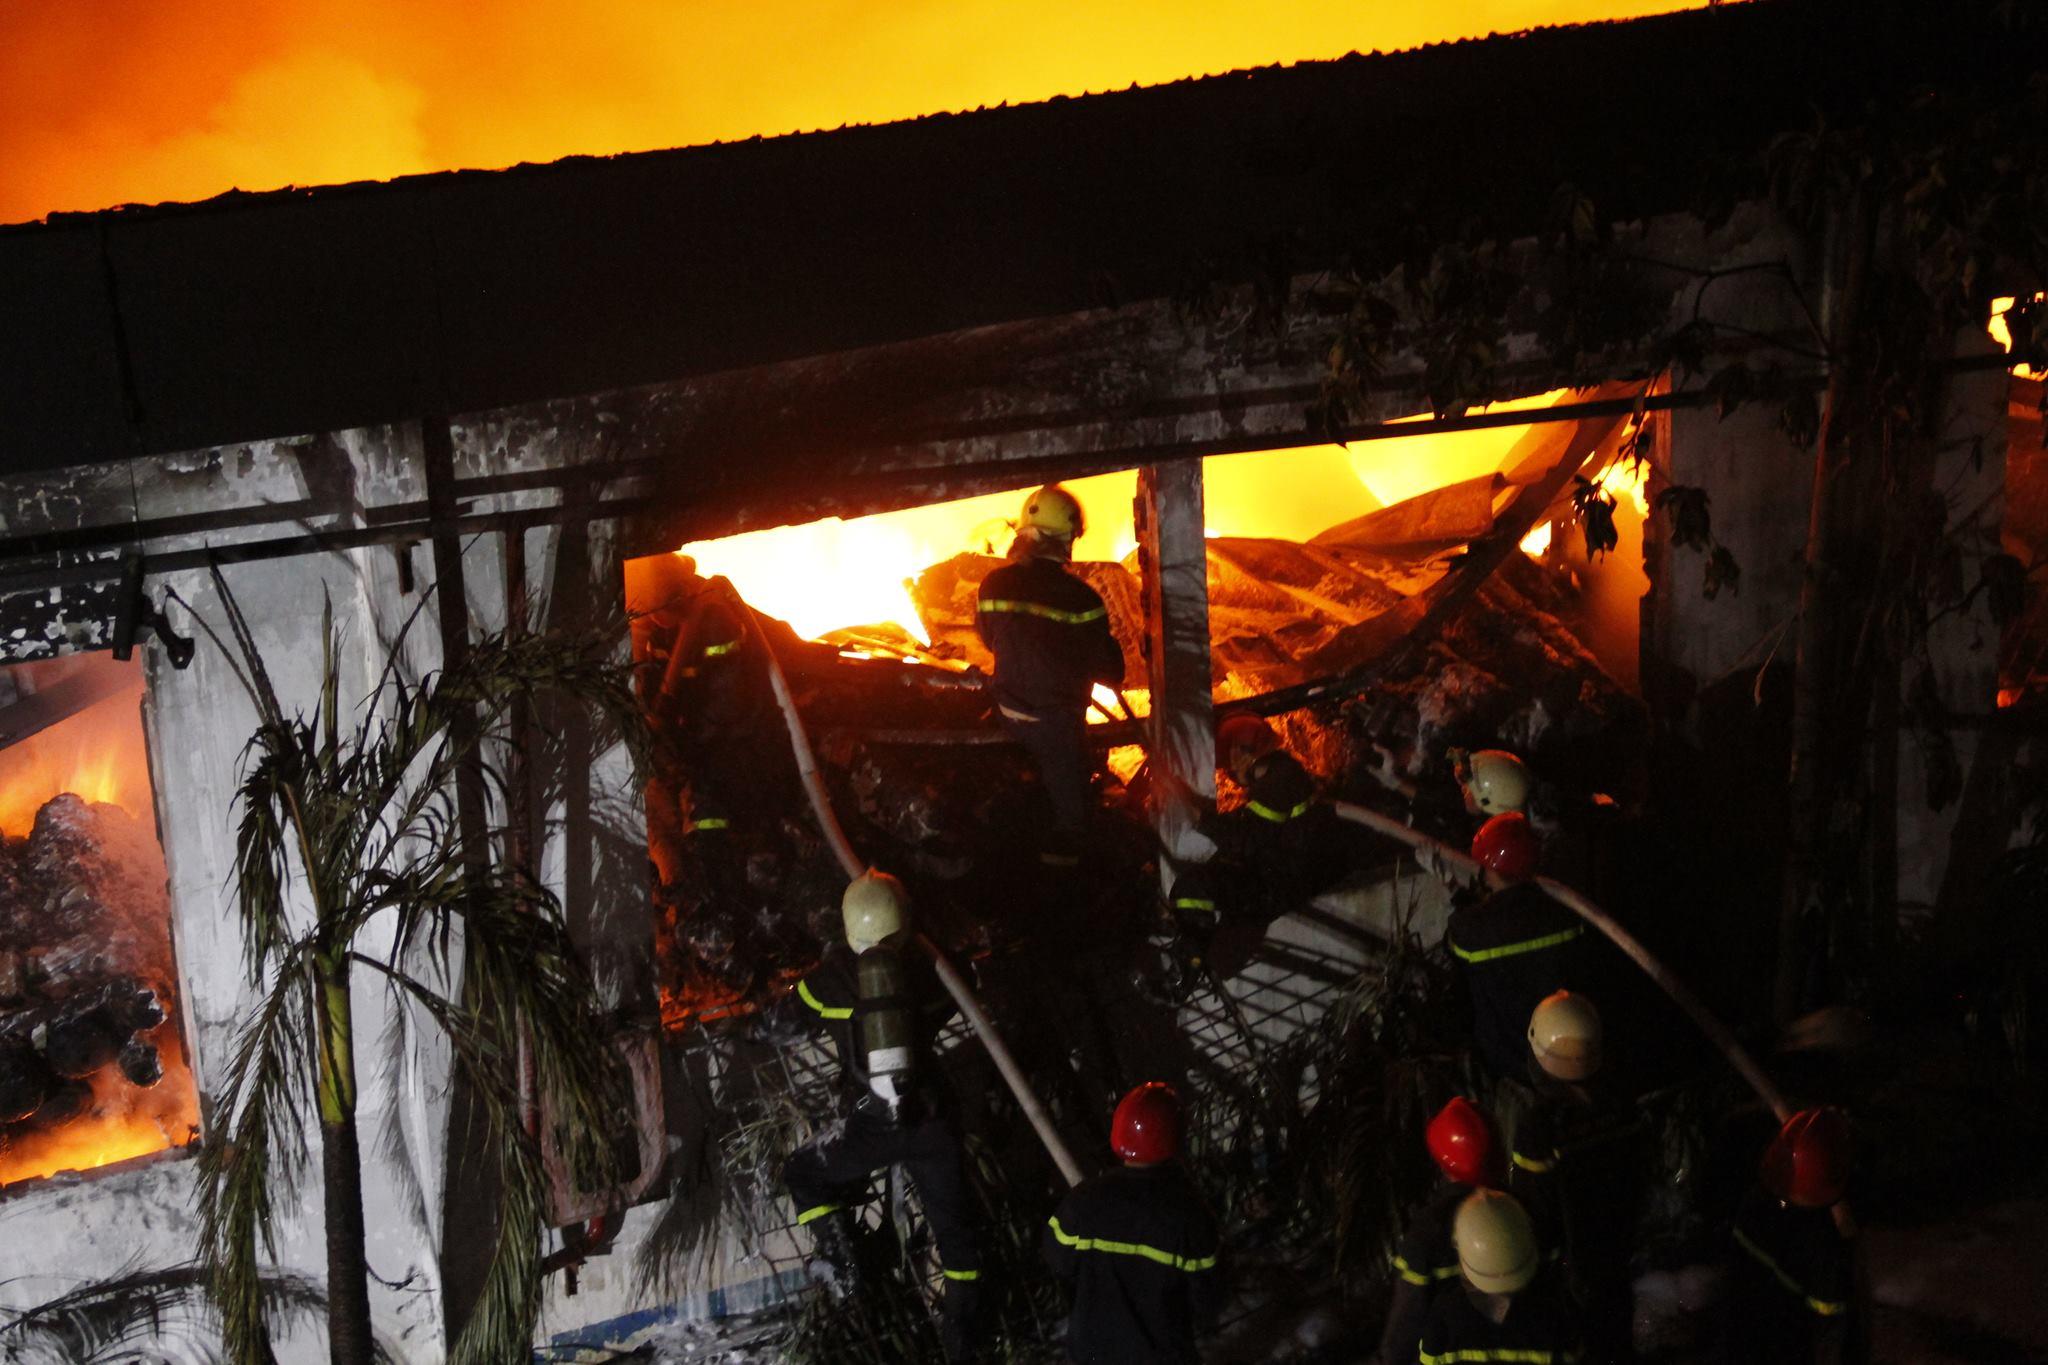 """Ảnh: Cả trăm cảnh sát vật lộn với """"giặc lửa"""" tại KCN Tân Bình - 9"""